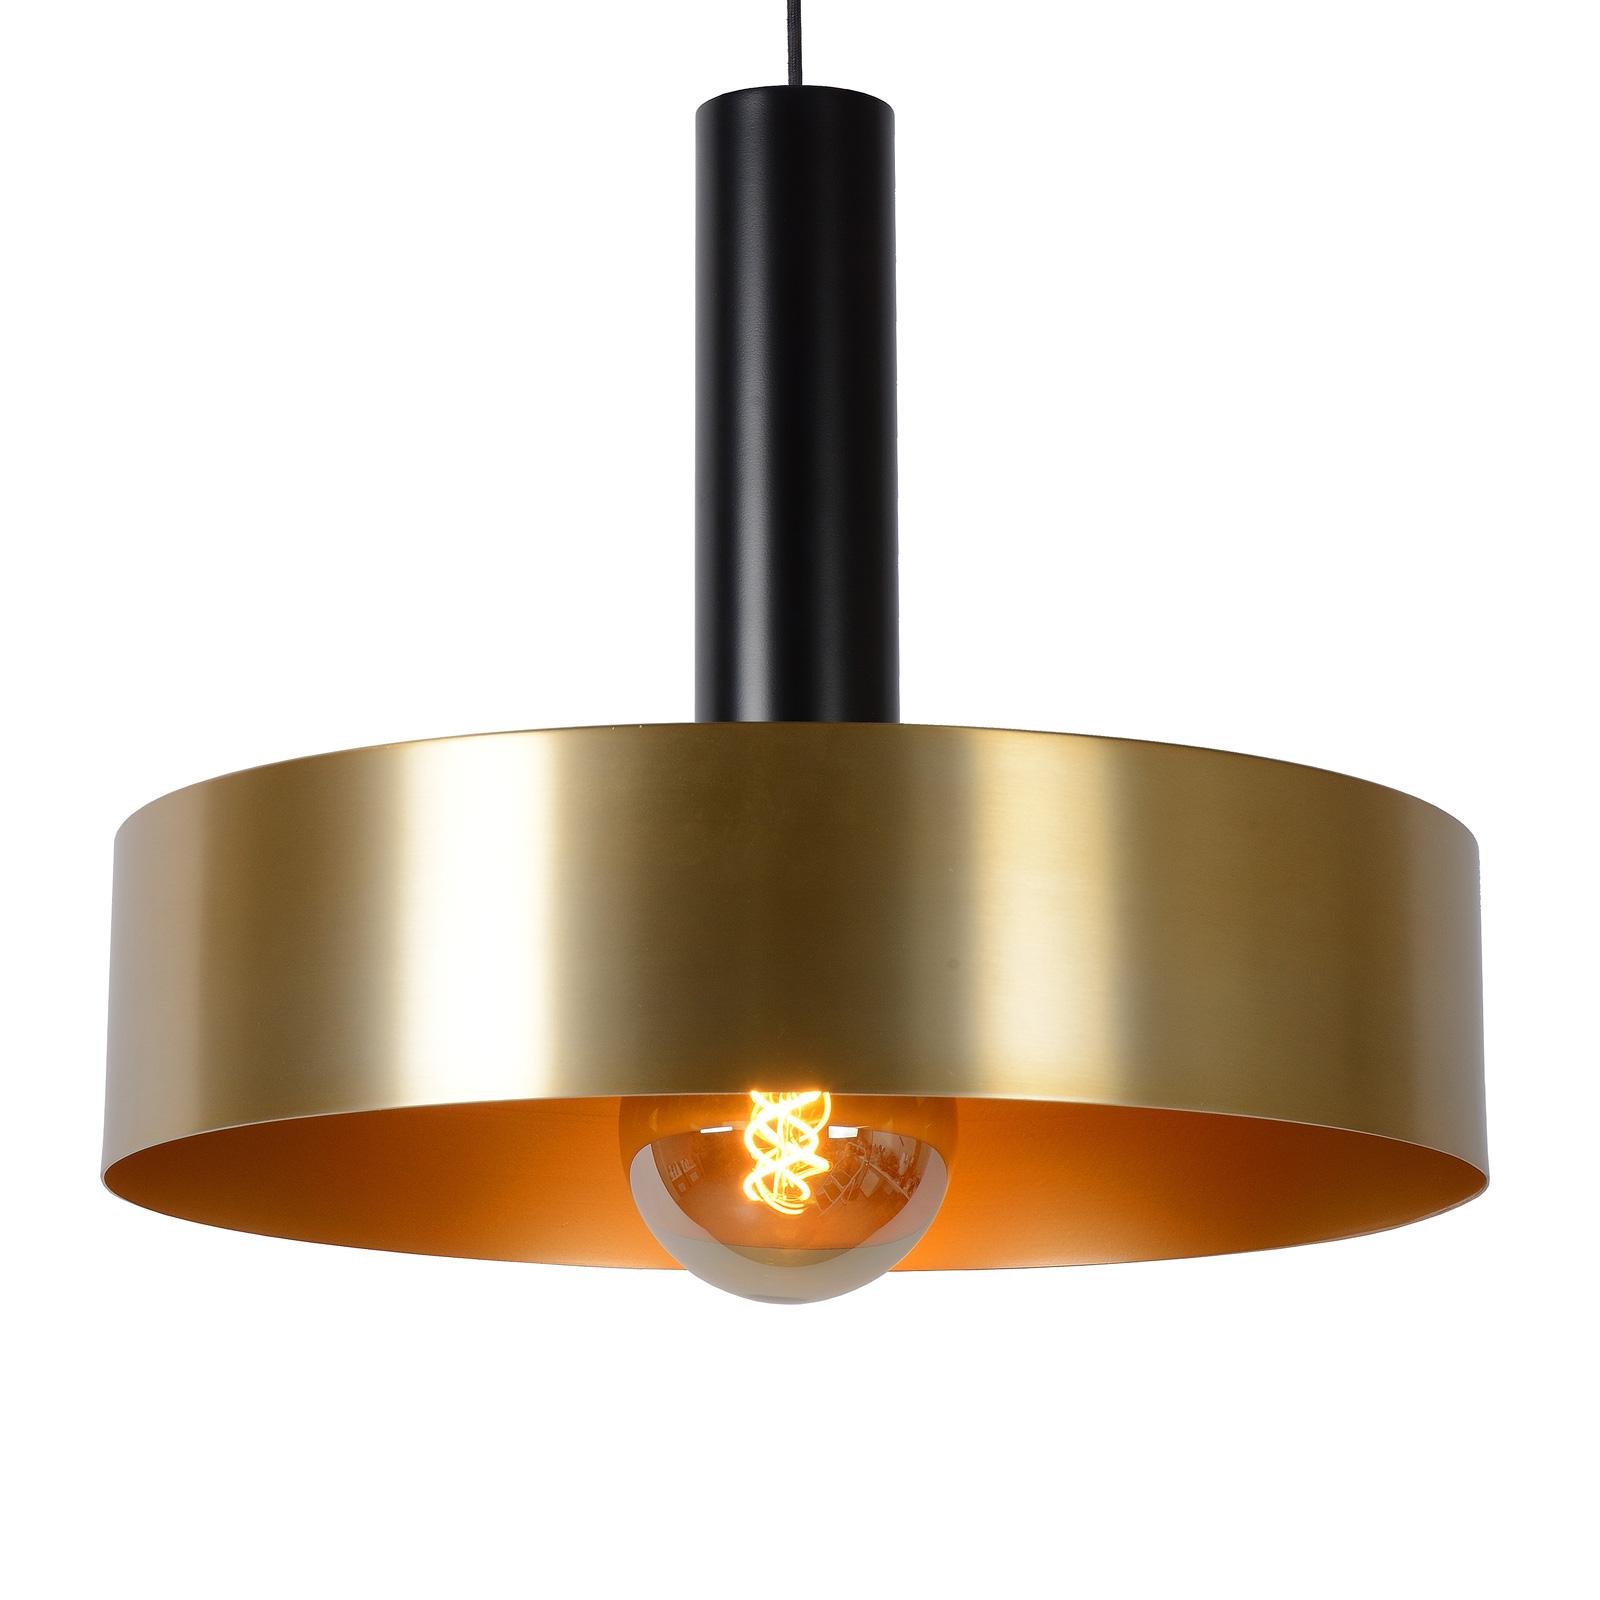 Lampa wisząca Giada czarna złota Ø 50 cm